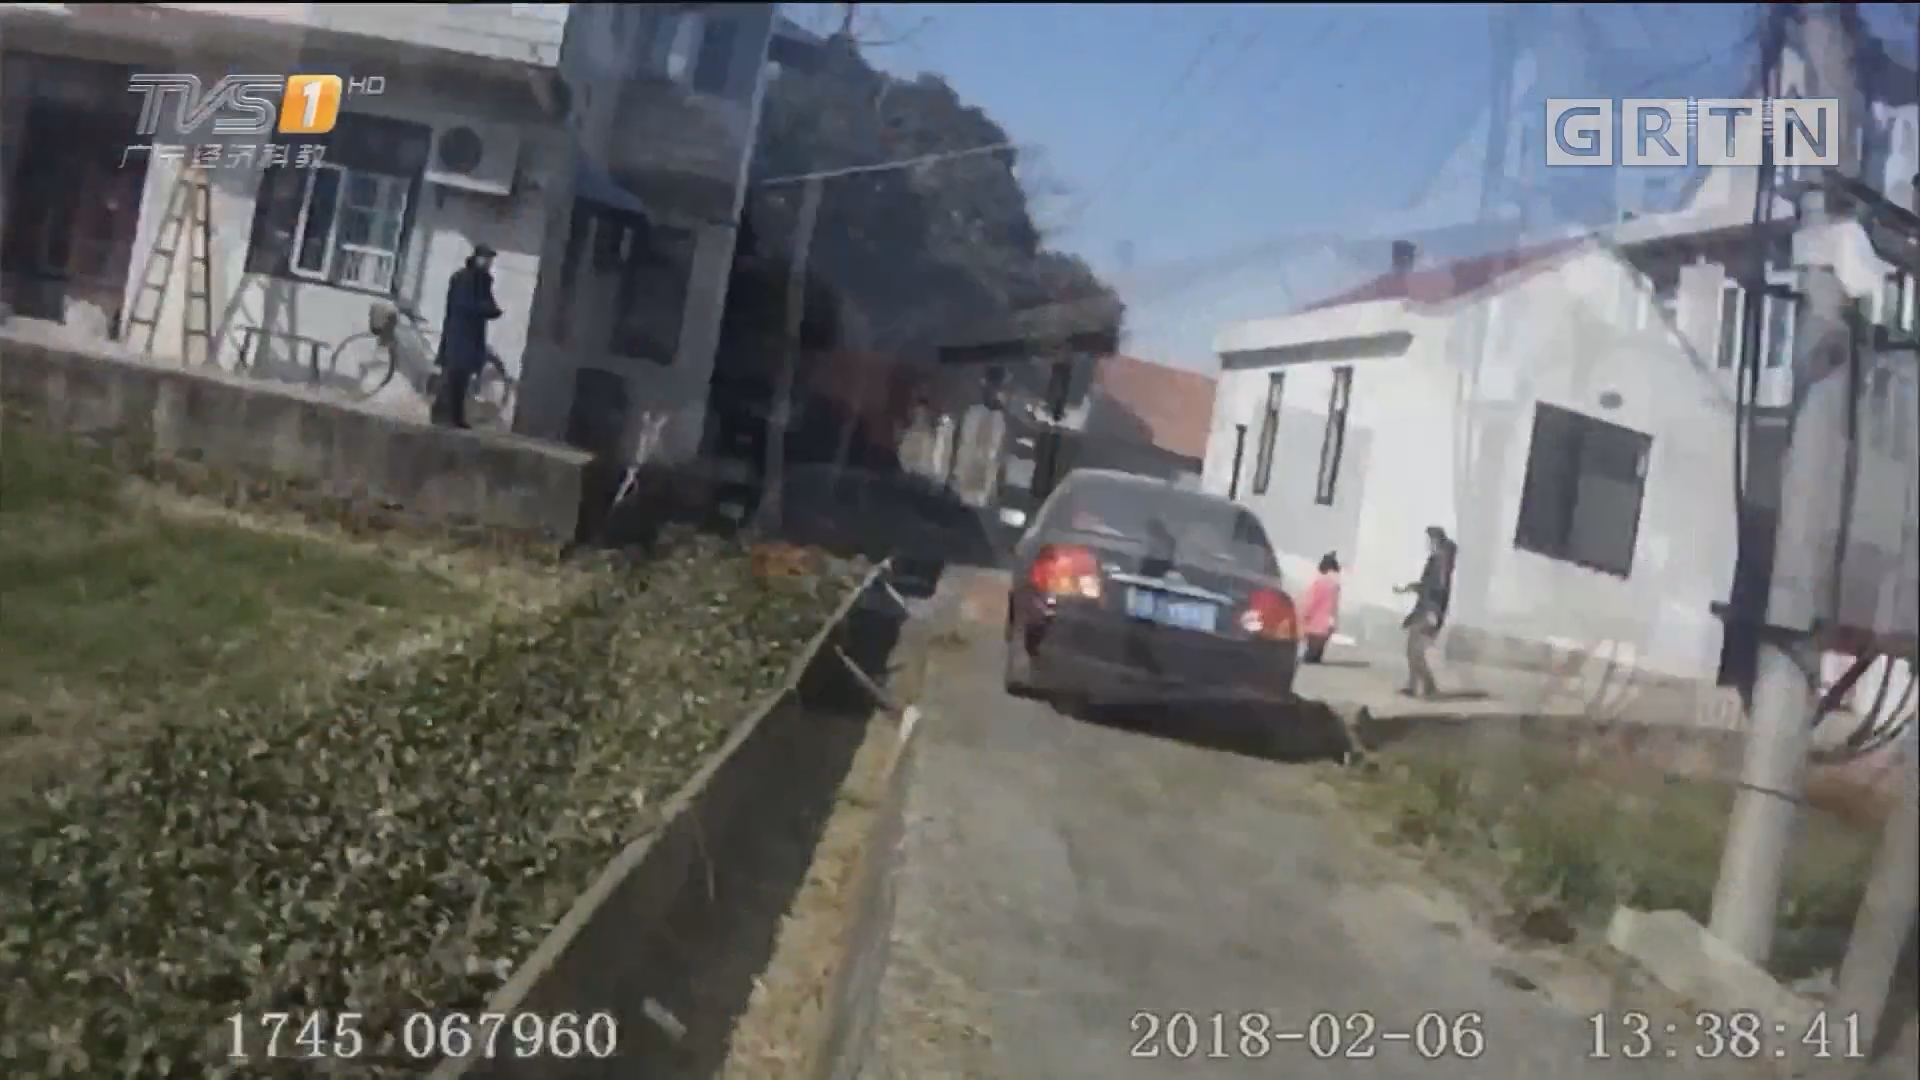 江苏南通:奇葩司机 遇查车竟丢下孩子跳河开溜